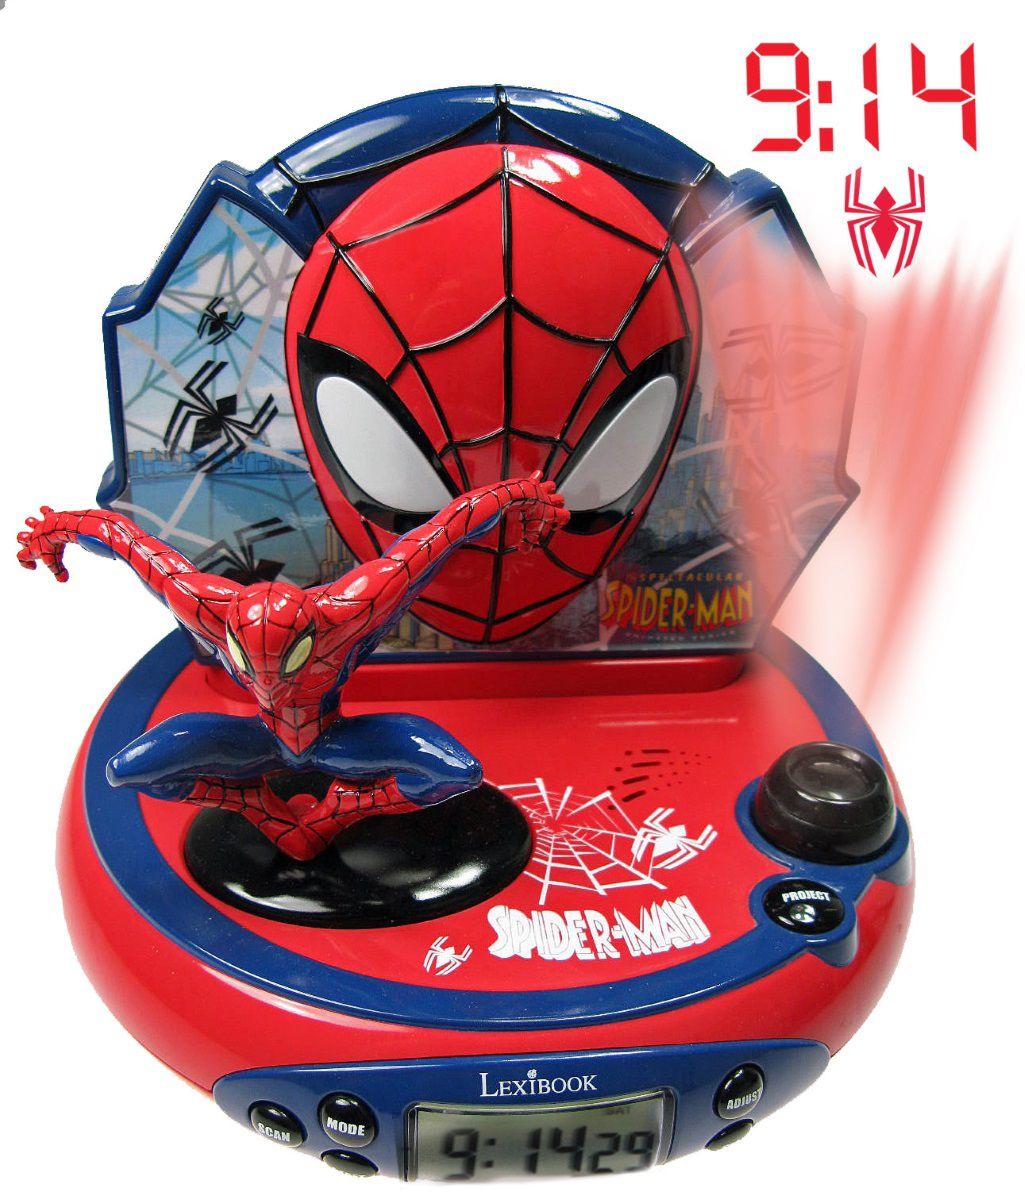 Часы-будильник Spider-ManЧасы-будильник Spider-Man – оригинальные часы для мальчика с Человеком-Пауком. Они оживят интерьер детской комнаты и помогут организовать правильный режим ребенка.<br>